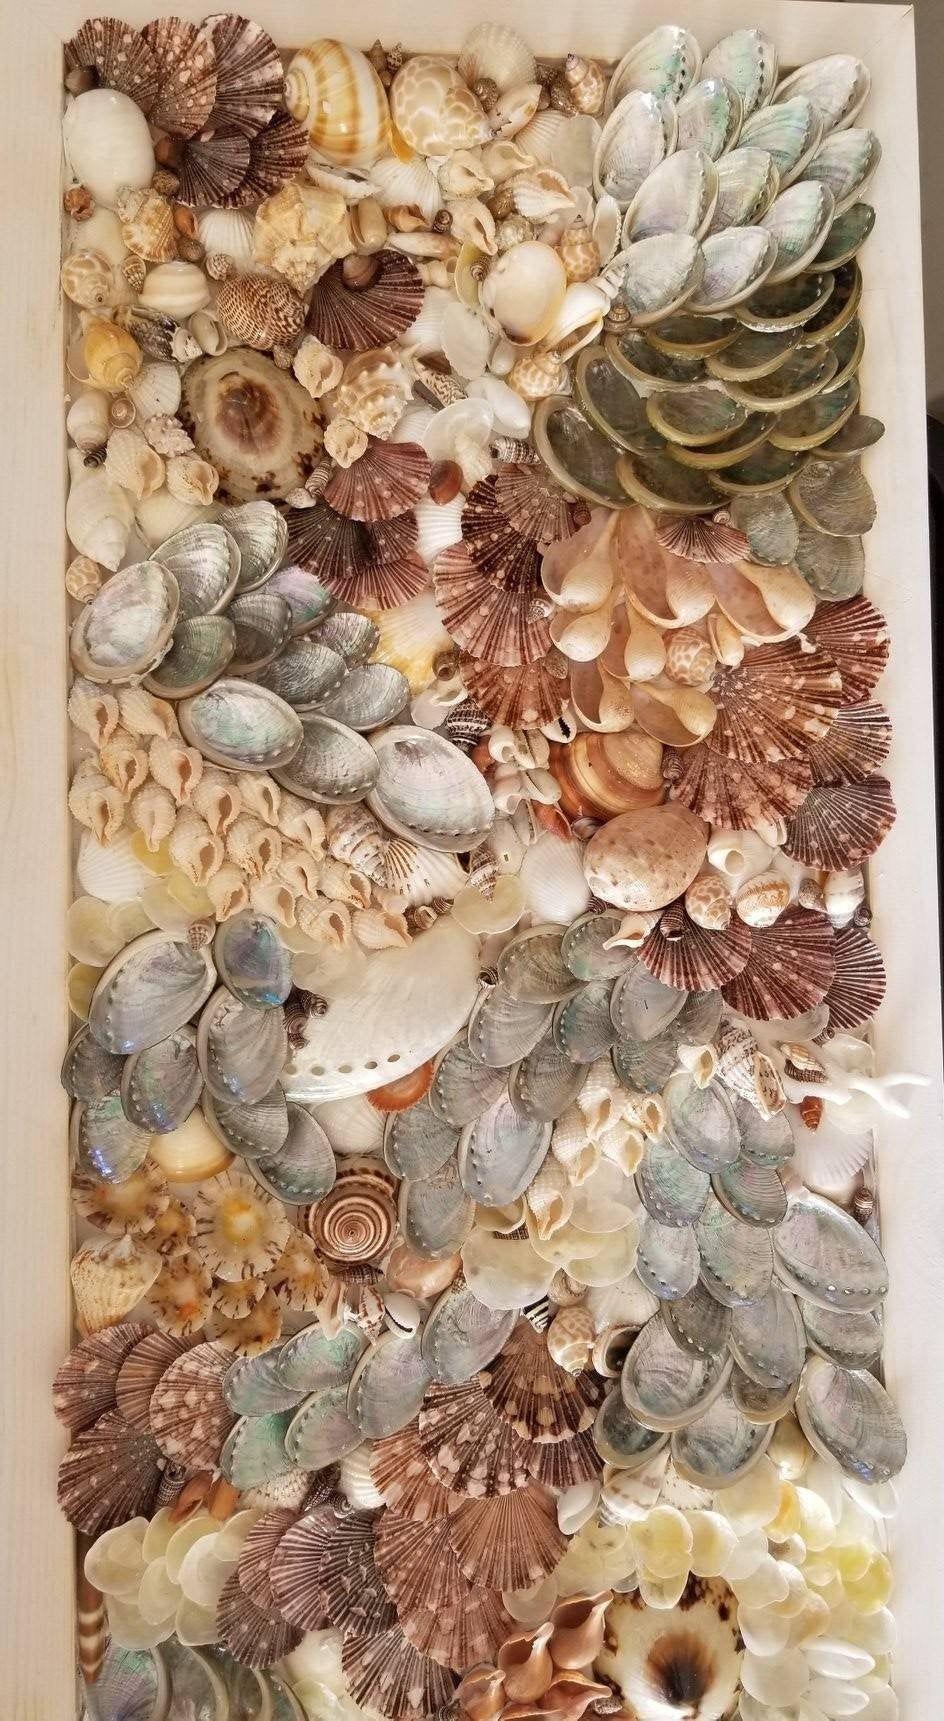 Seashell Wall Art Mosaic Unique Sea Shell Decor Beach Etsy Sea Shell Decor Seashell Wall Art Shell Decor